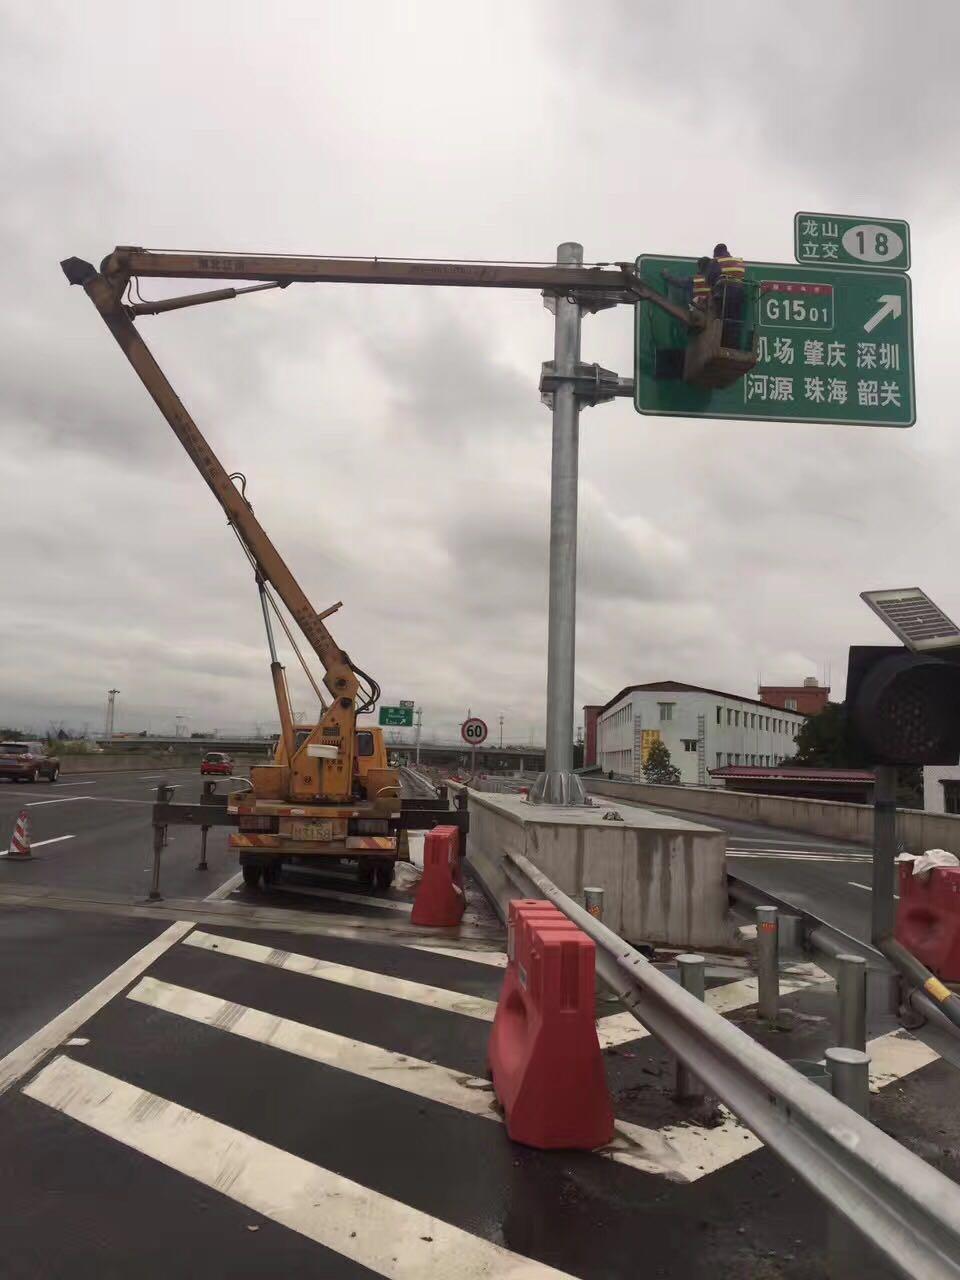 28米路灯维修车出租小型吊机